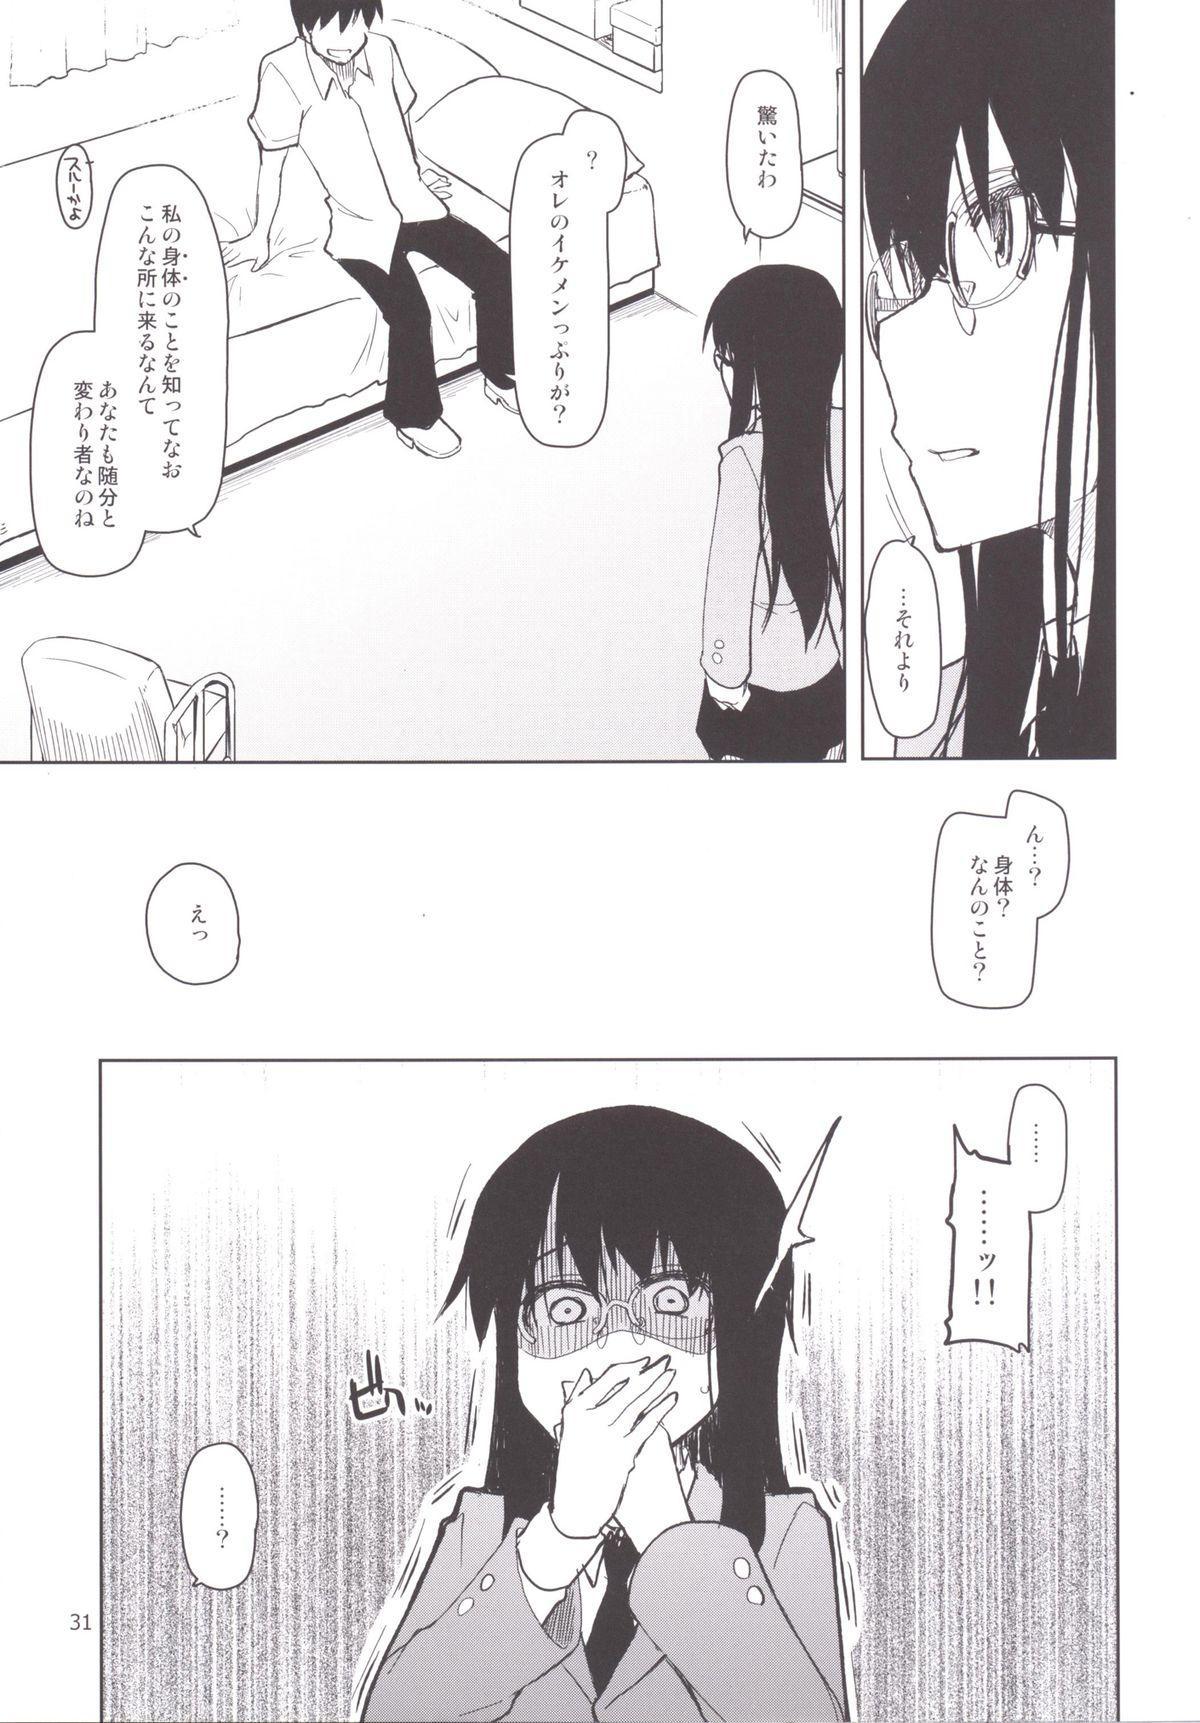 Natsuzuka-san no Himitsu. Soushuuhen Kouhen 43